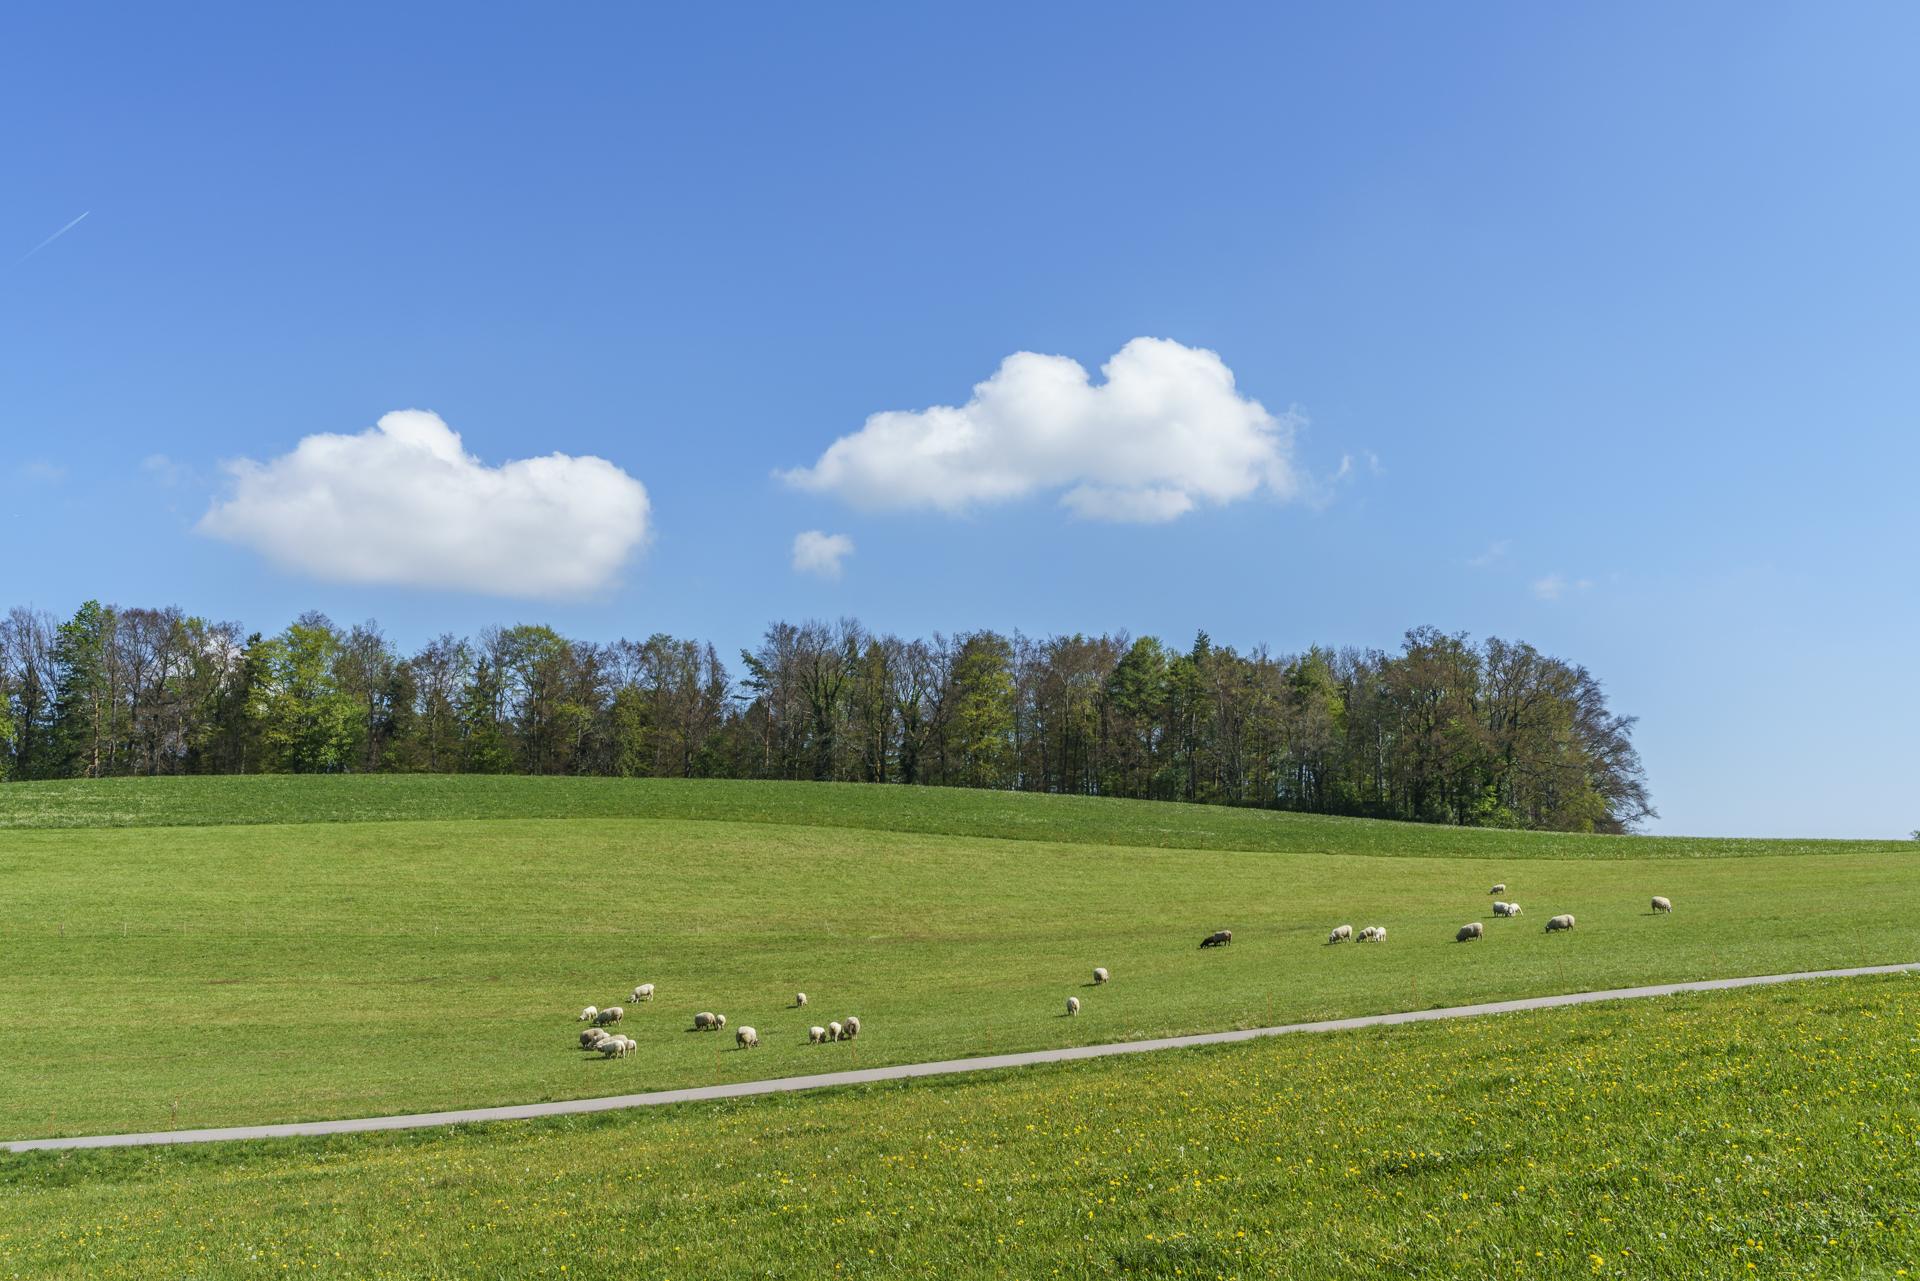 Schafe mit Schäfchenwolken